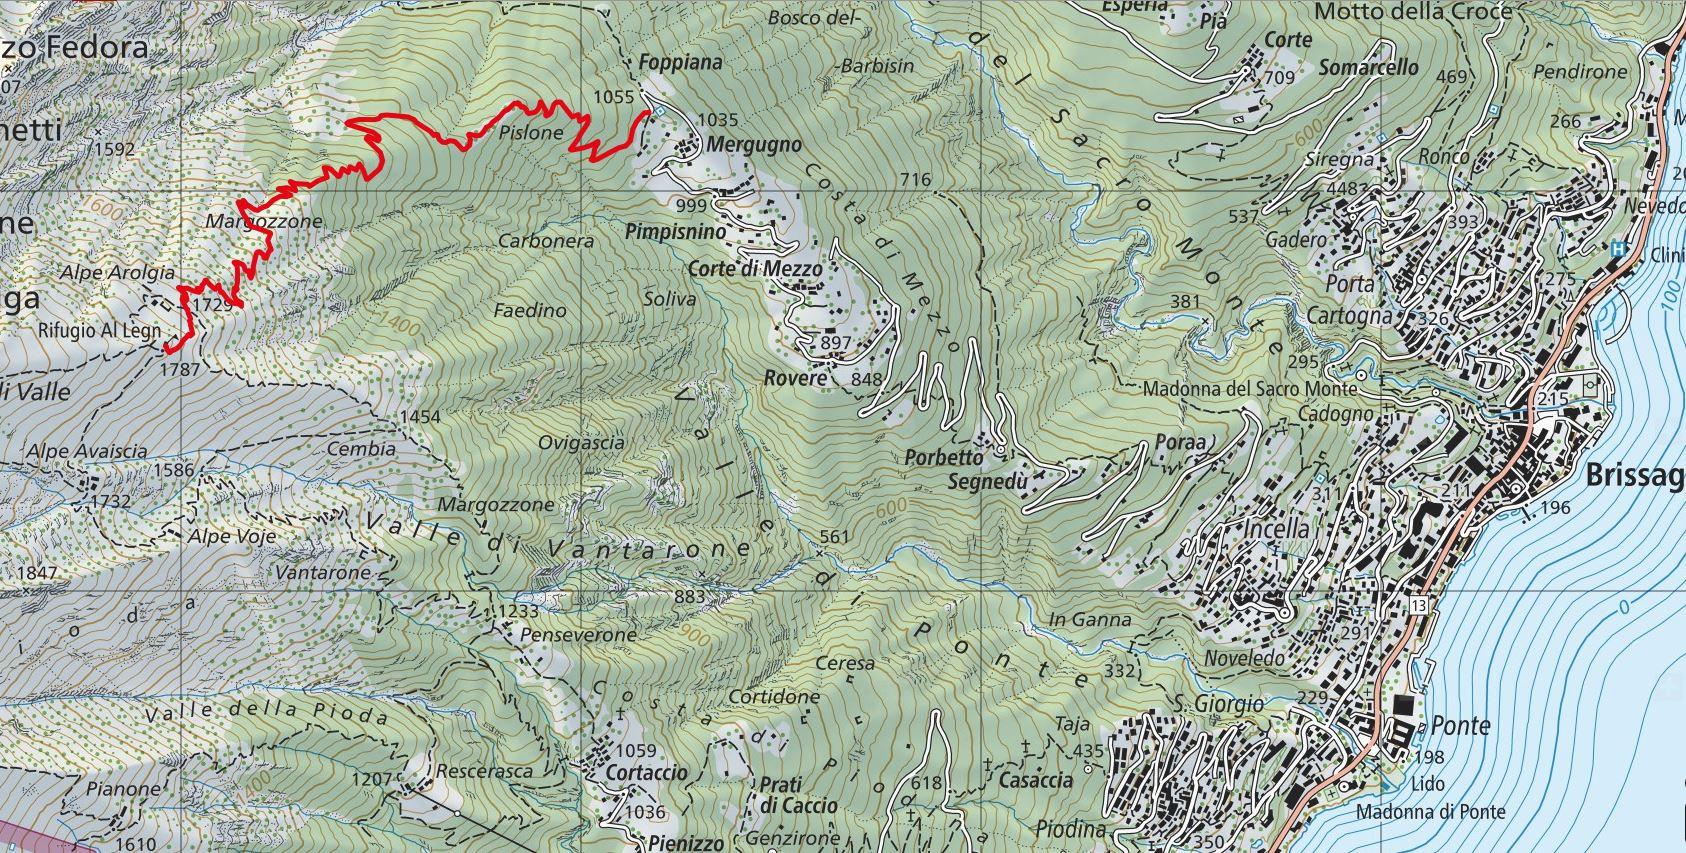 Kartenausschnitt_Al-Legn